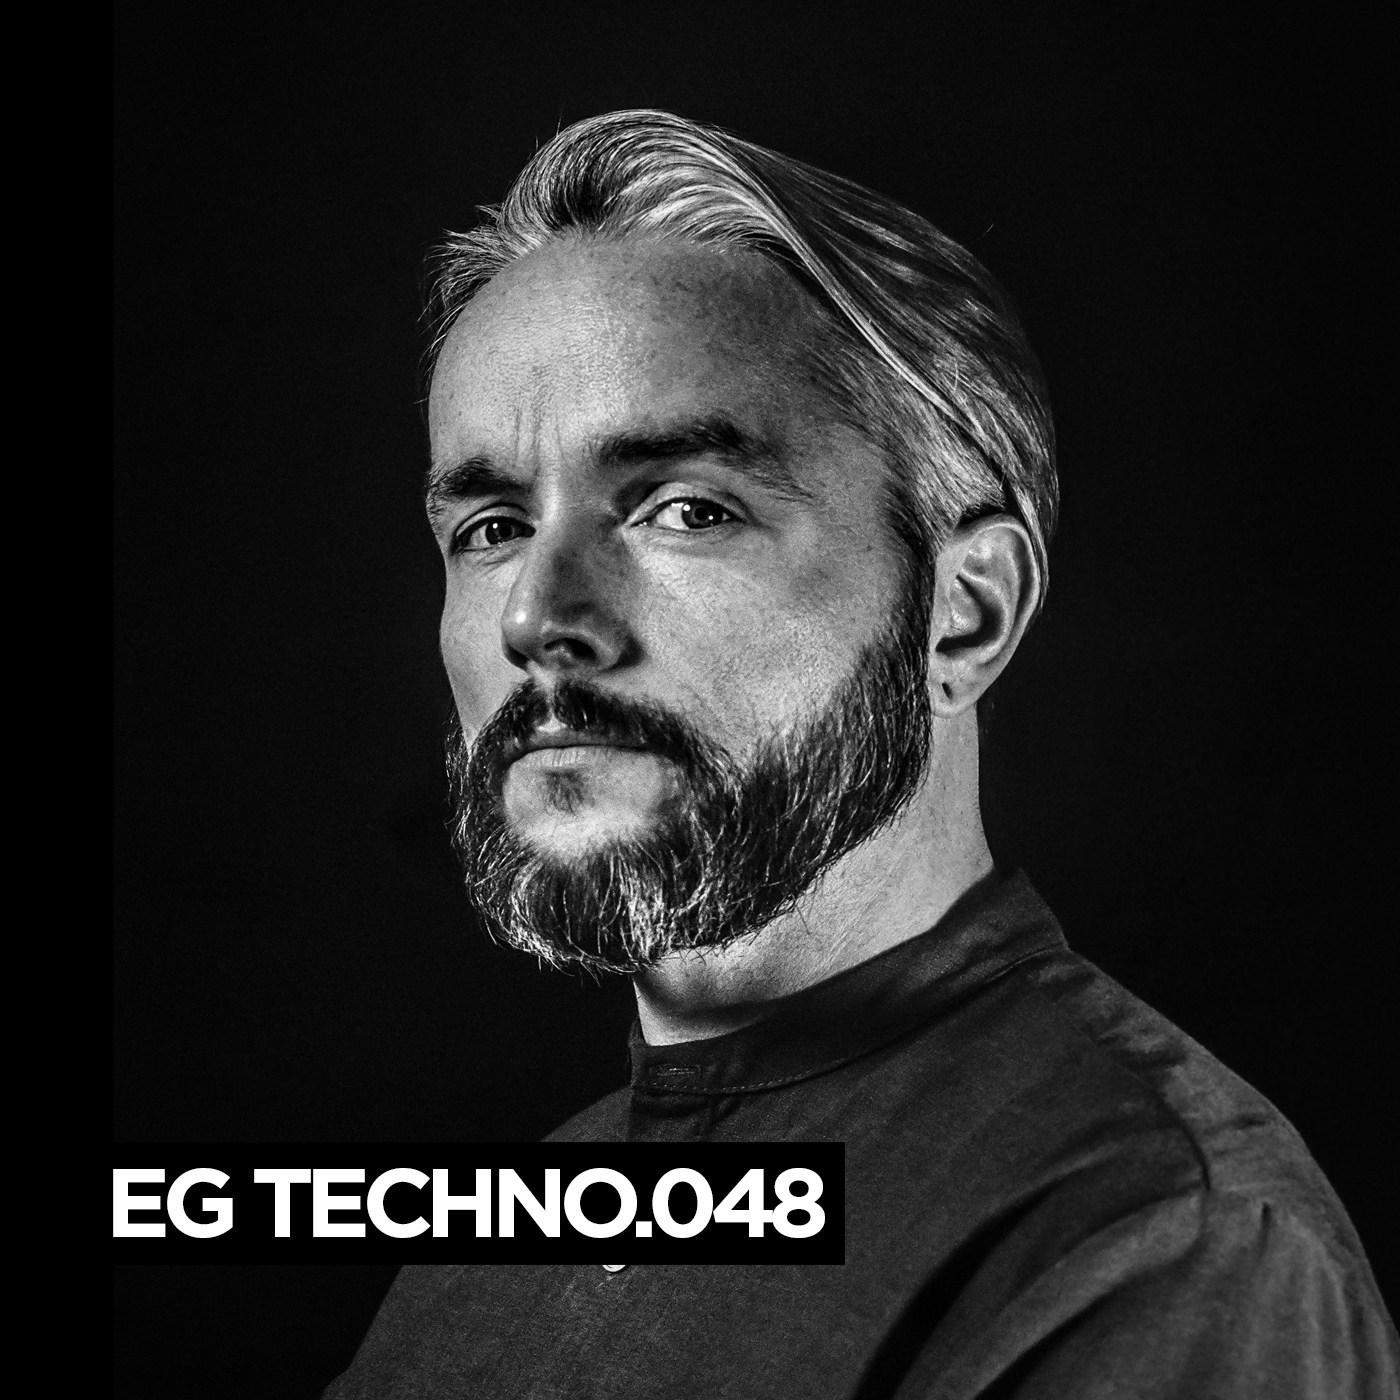 EG-TECHNO-048-Marco-Resmann